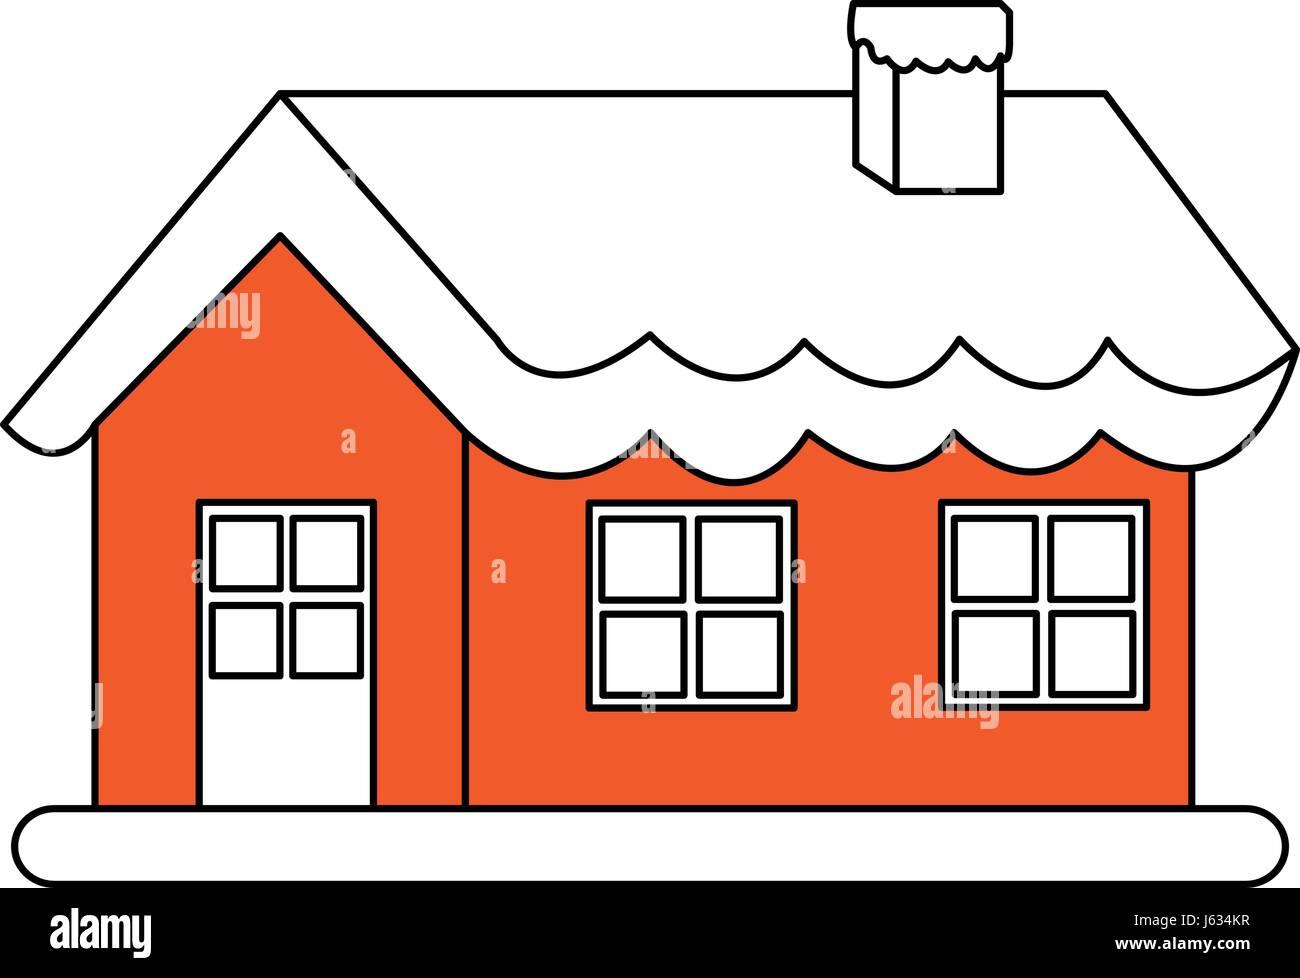 https www alamyimages fr photo image la silhouette d une image couleur de la chambre de noel dessin anime avec de la neige et cheminee 141440427 html